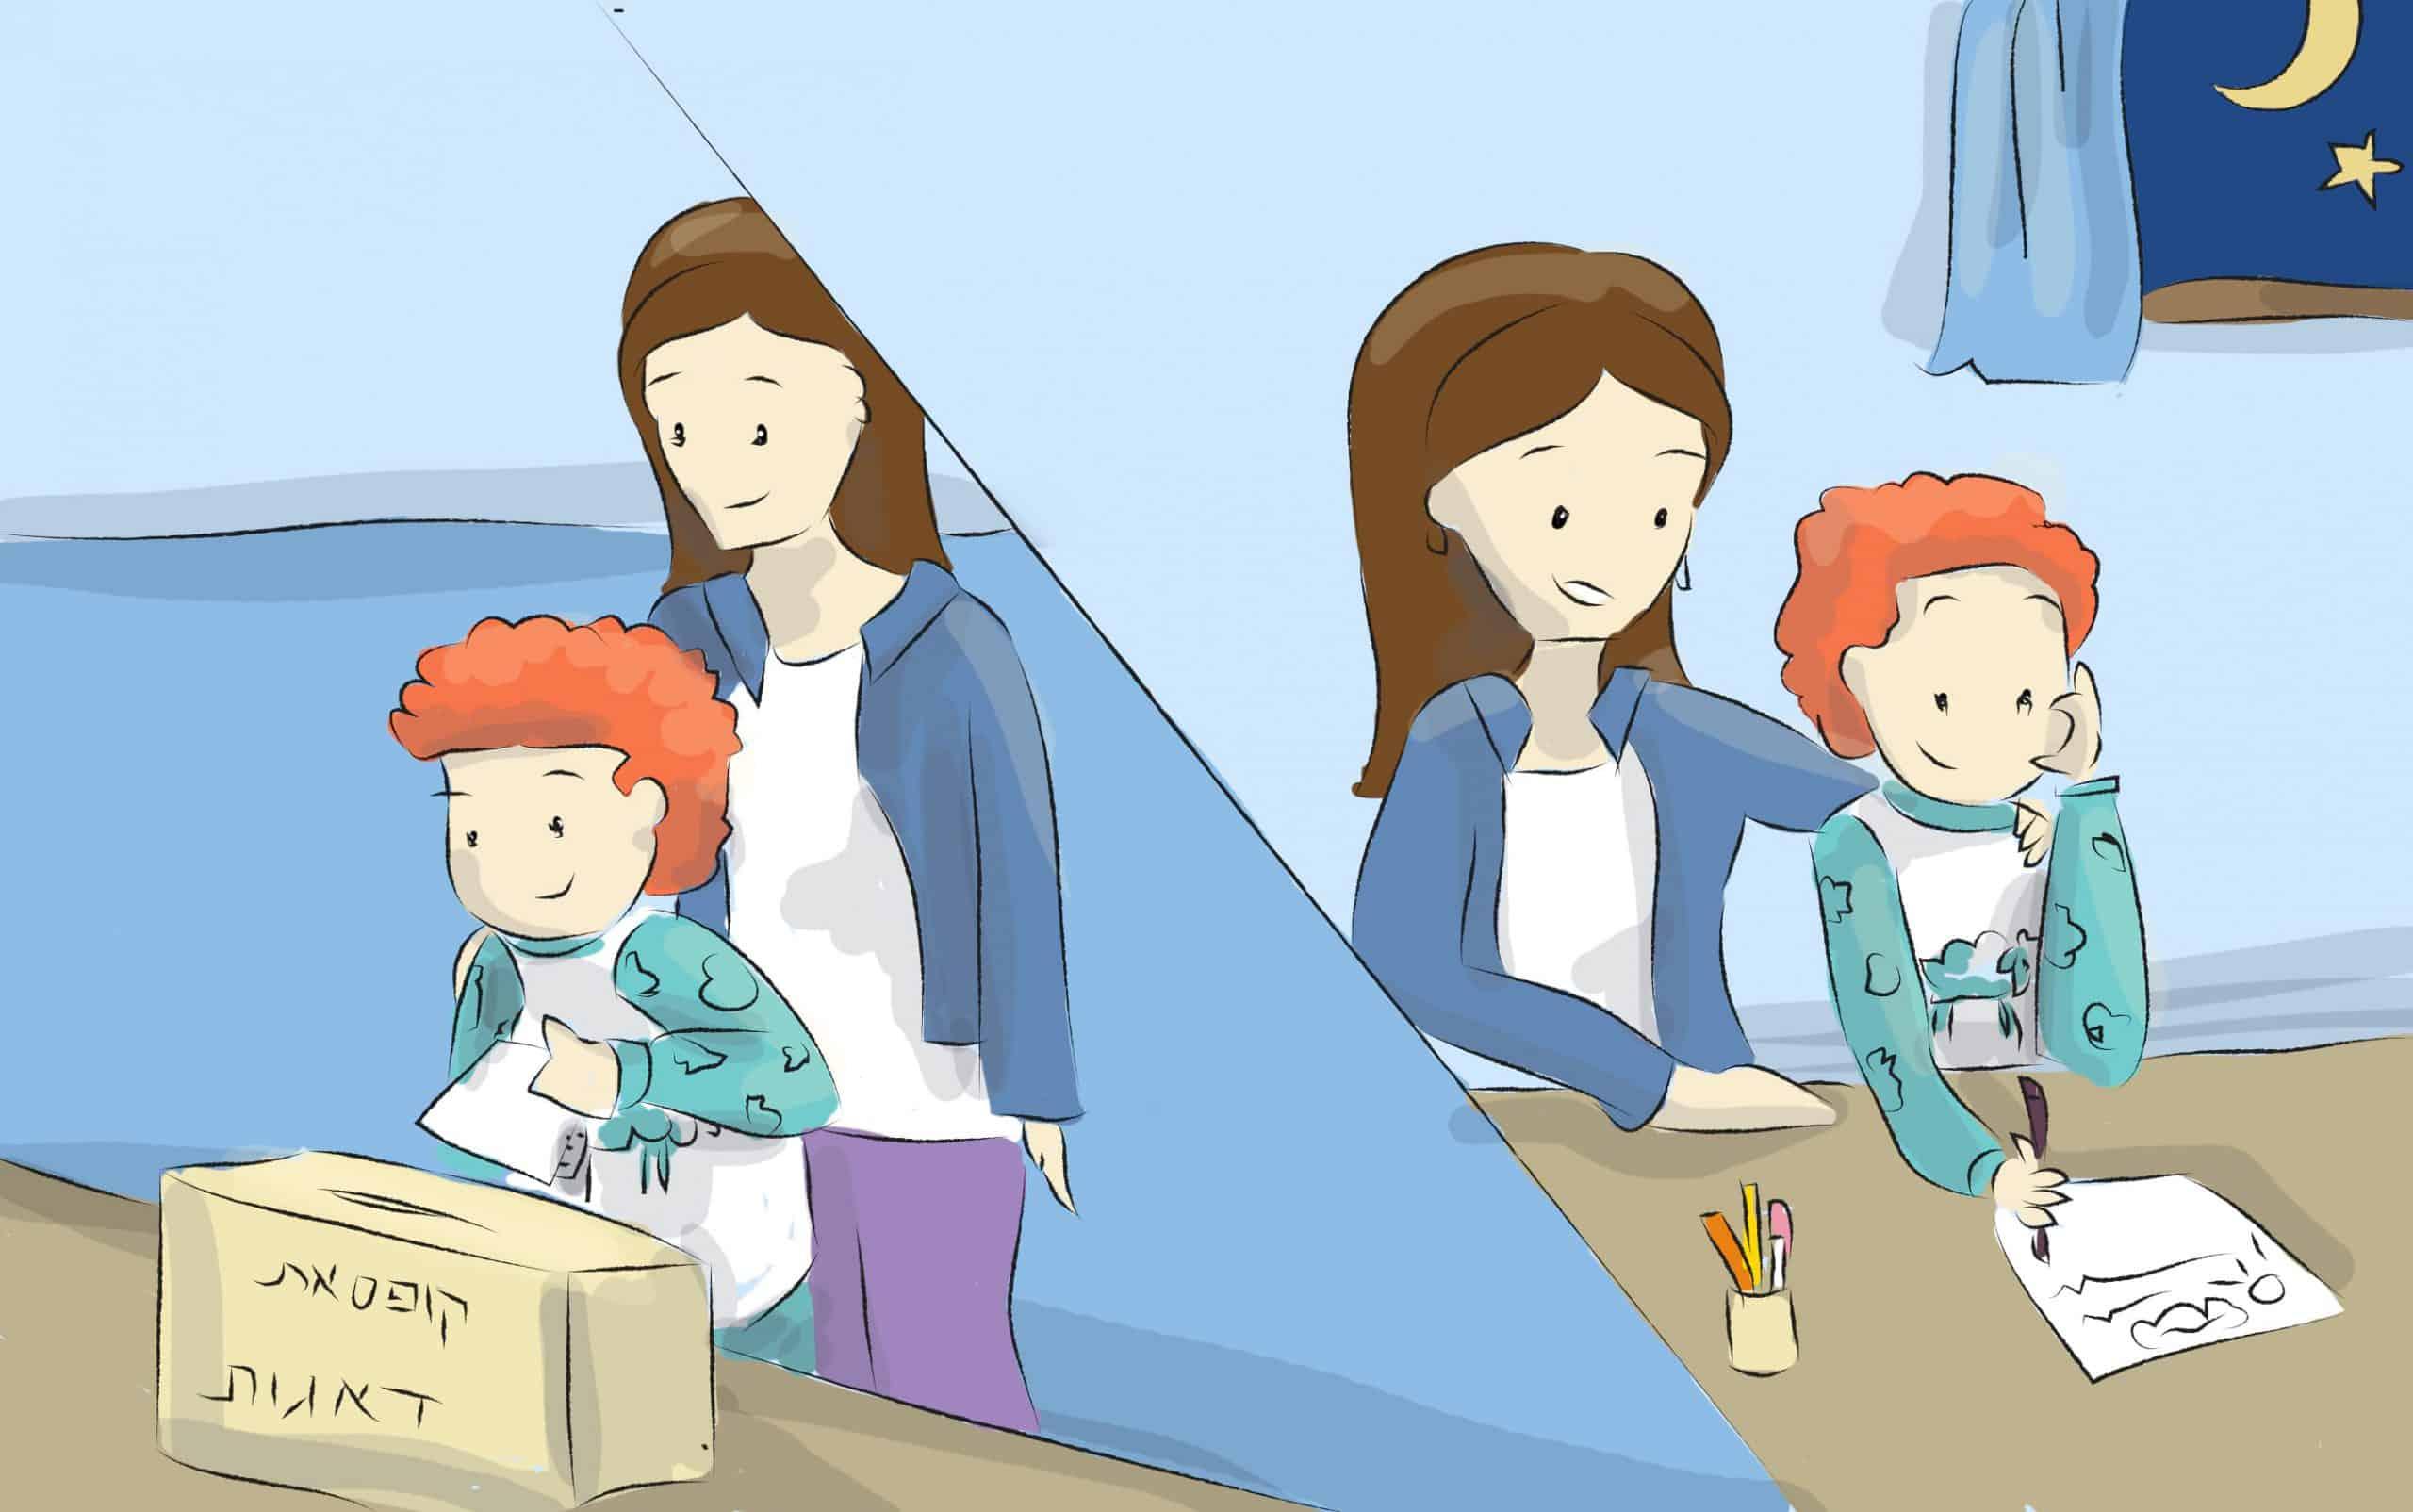 אם הדאגות מונעות מילדכם להירגע, אפשר להשתמש ב